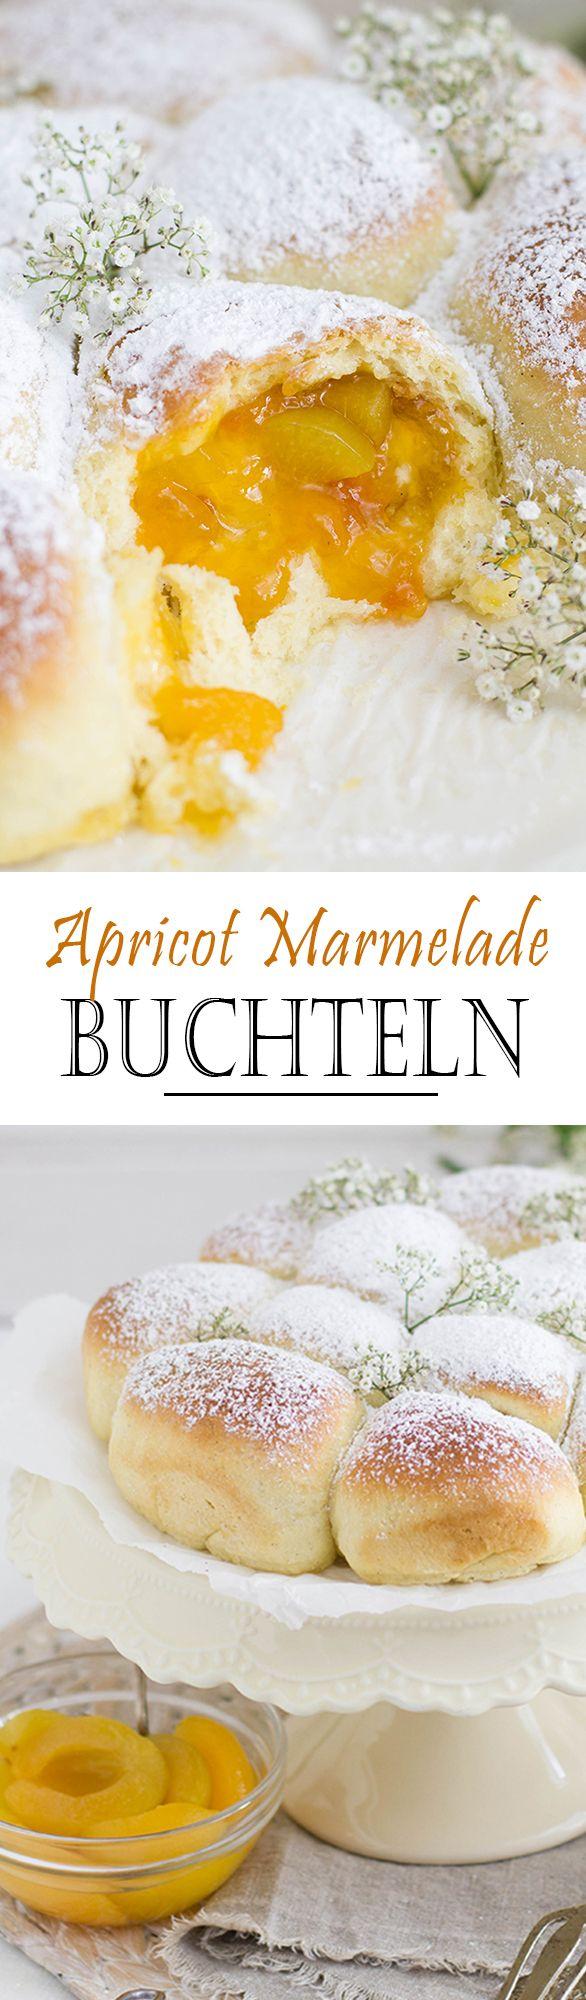 Apricot Marmelade Buchteln / oven baked yeast dumplings with powdered sugar | Aprikosen Marmelade Buchteln mit Puderzucker